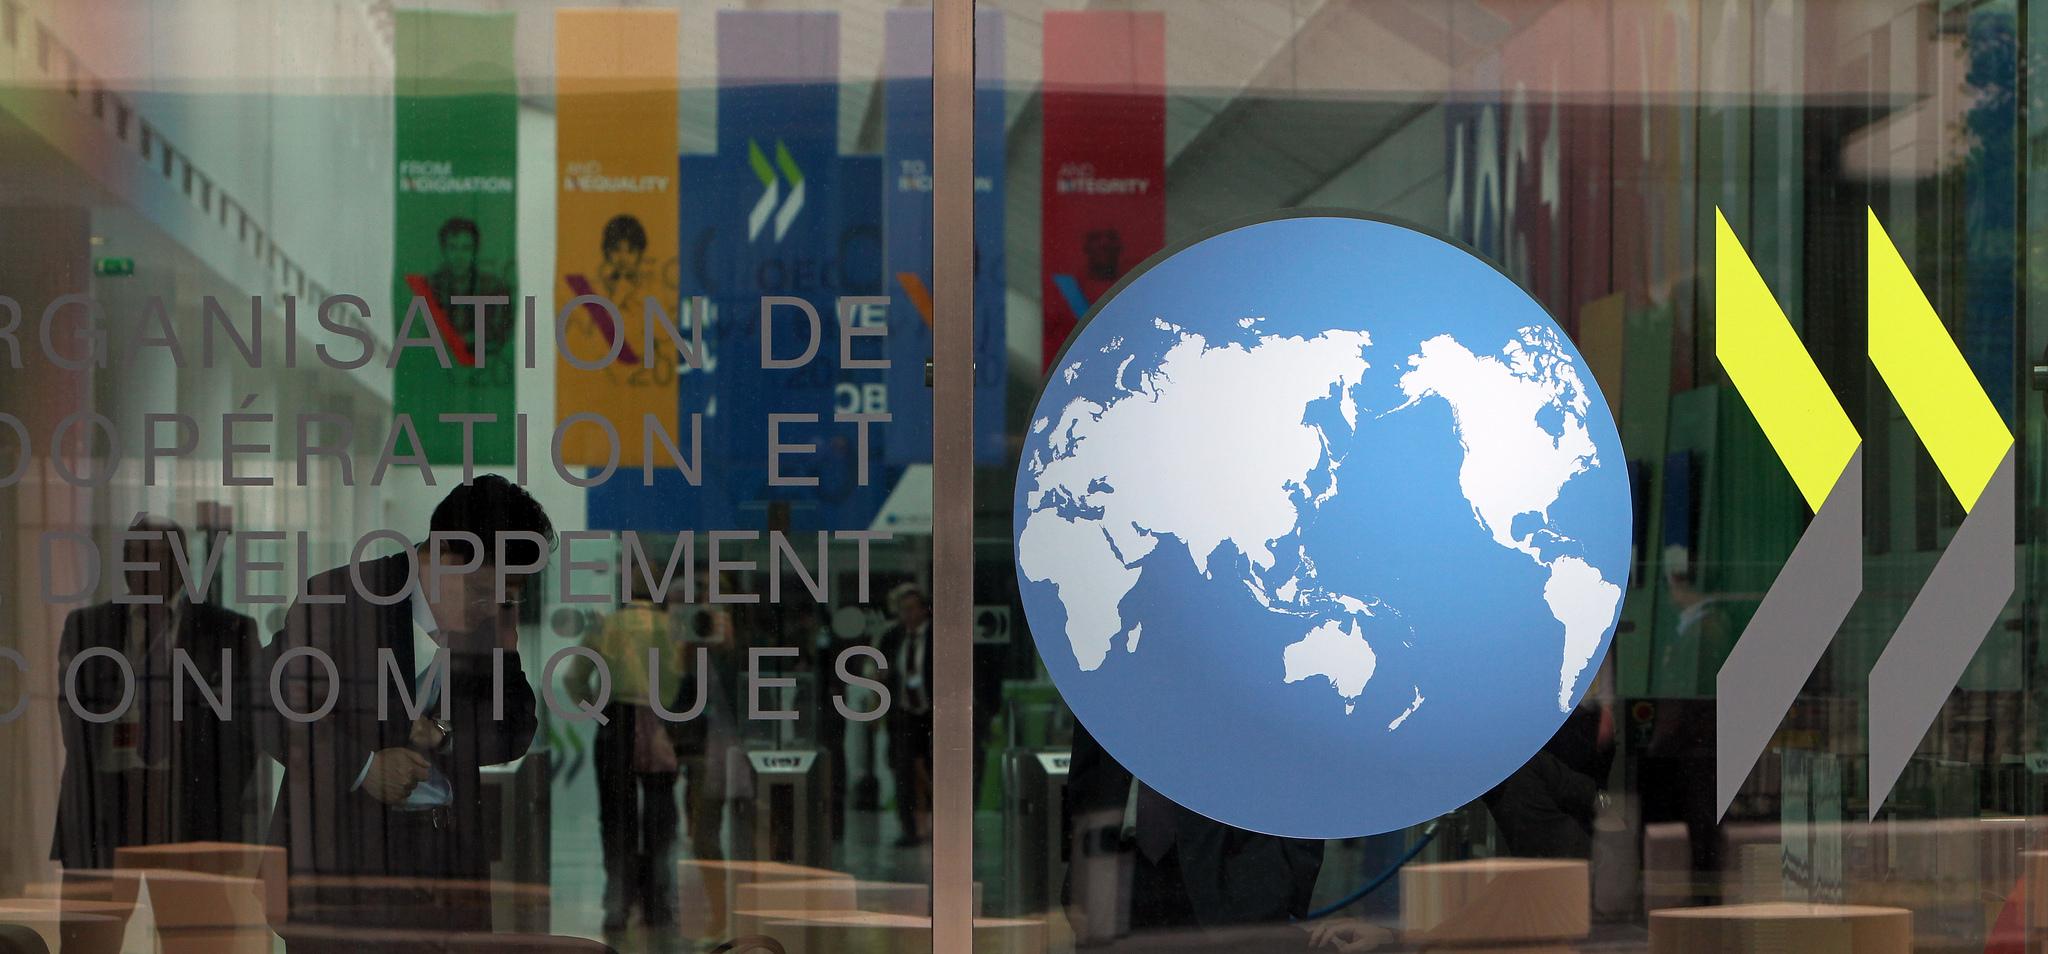 أحدث توقعات منظمة التعاون والتنمية الاقتصادية OECD للنمو العالمي هذا العام